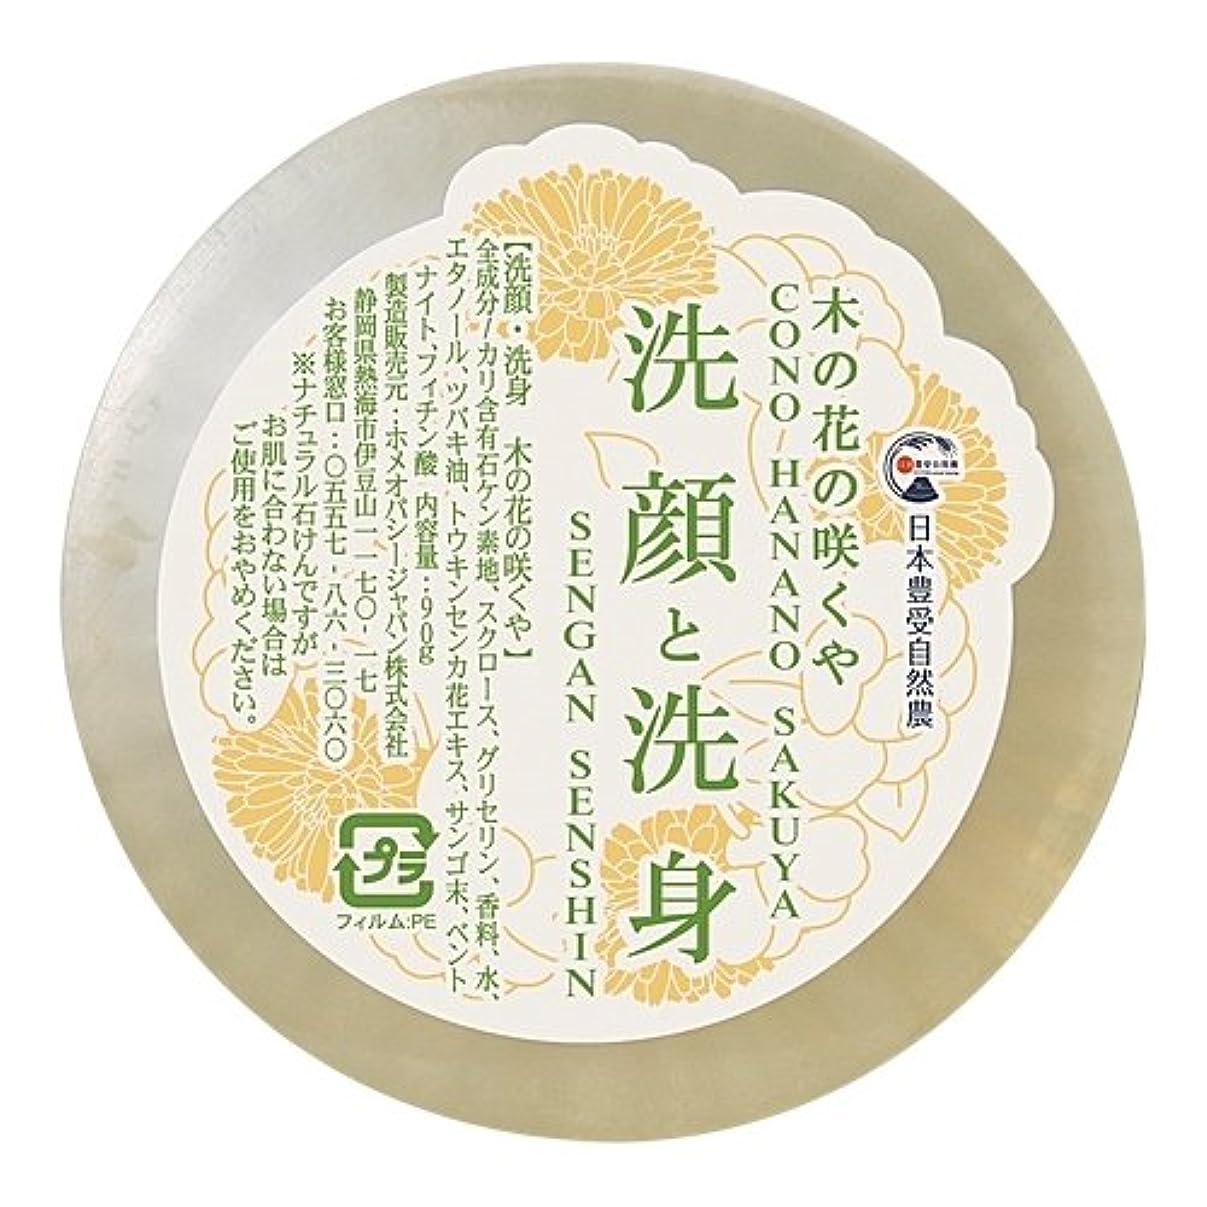 ハプニングペグ授業料日本豊受自然農 木の花の咲くや 洗顔?洗身ソープ 90g